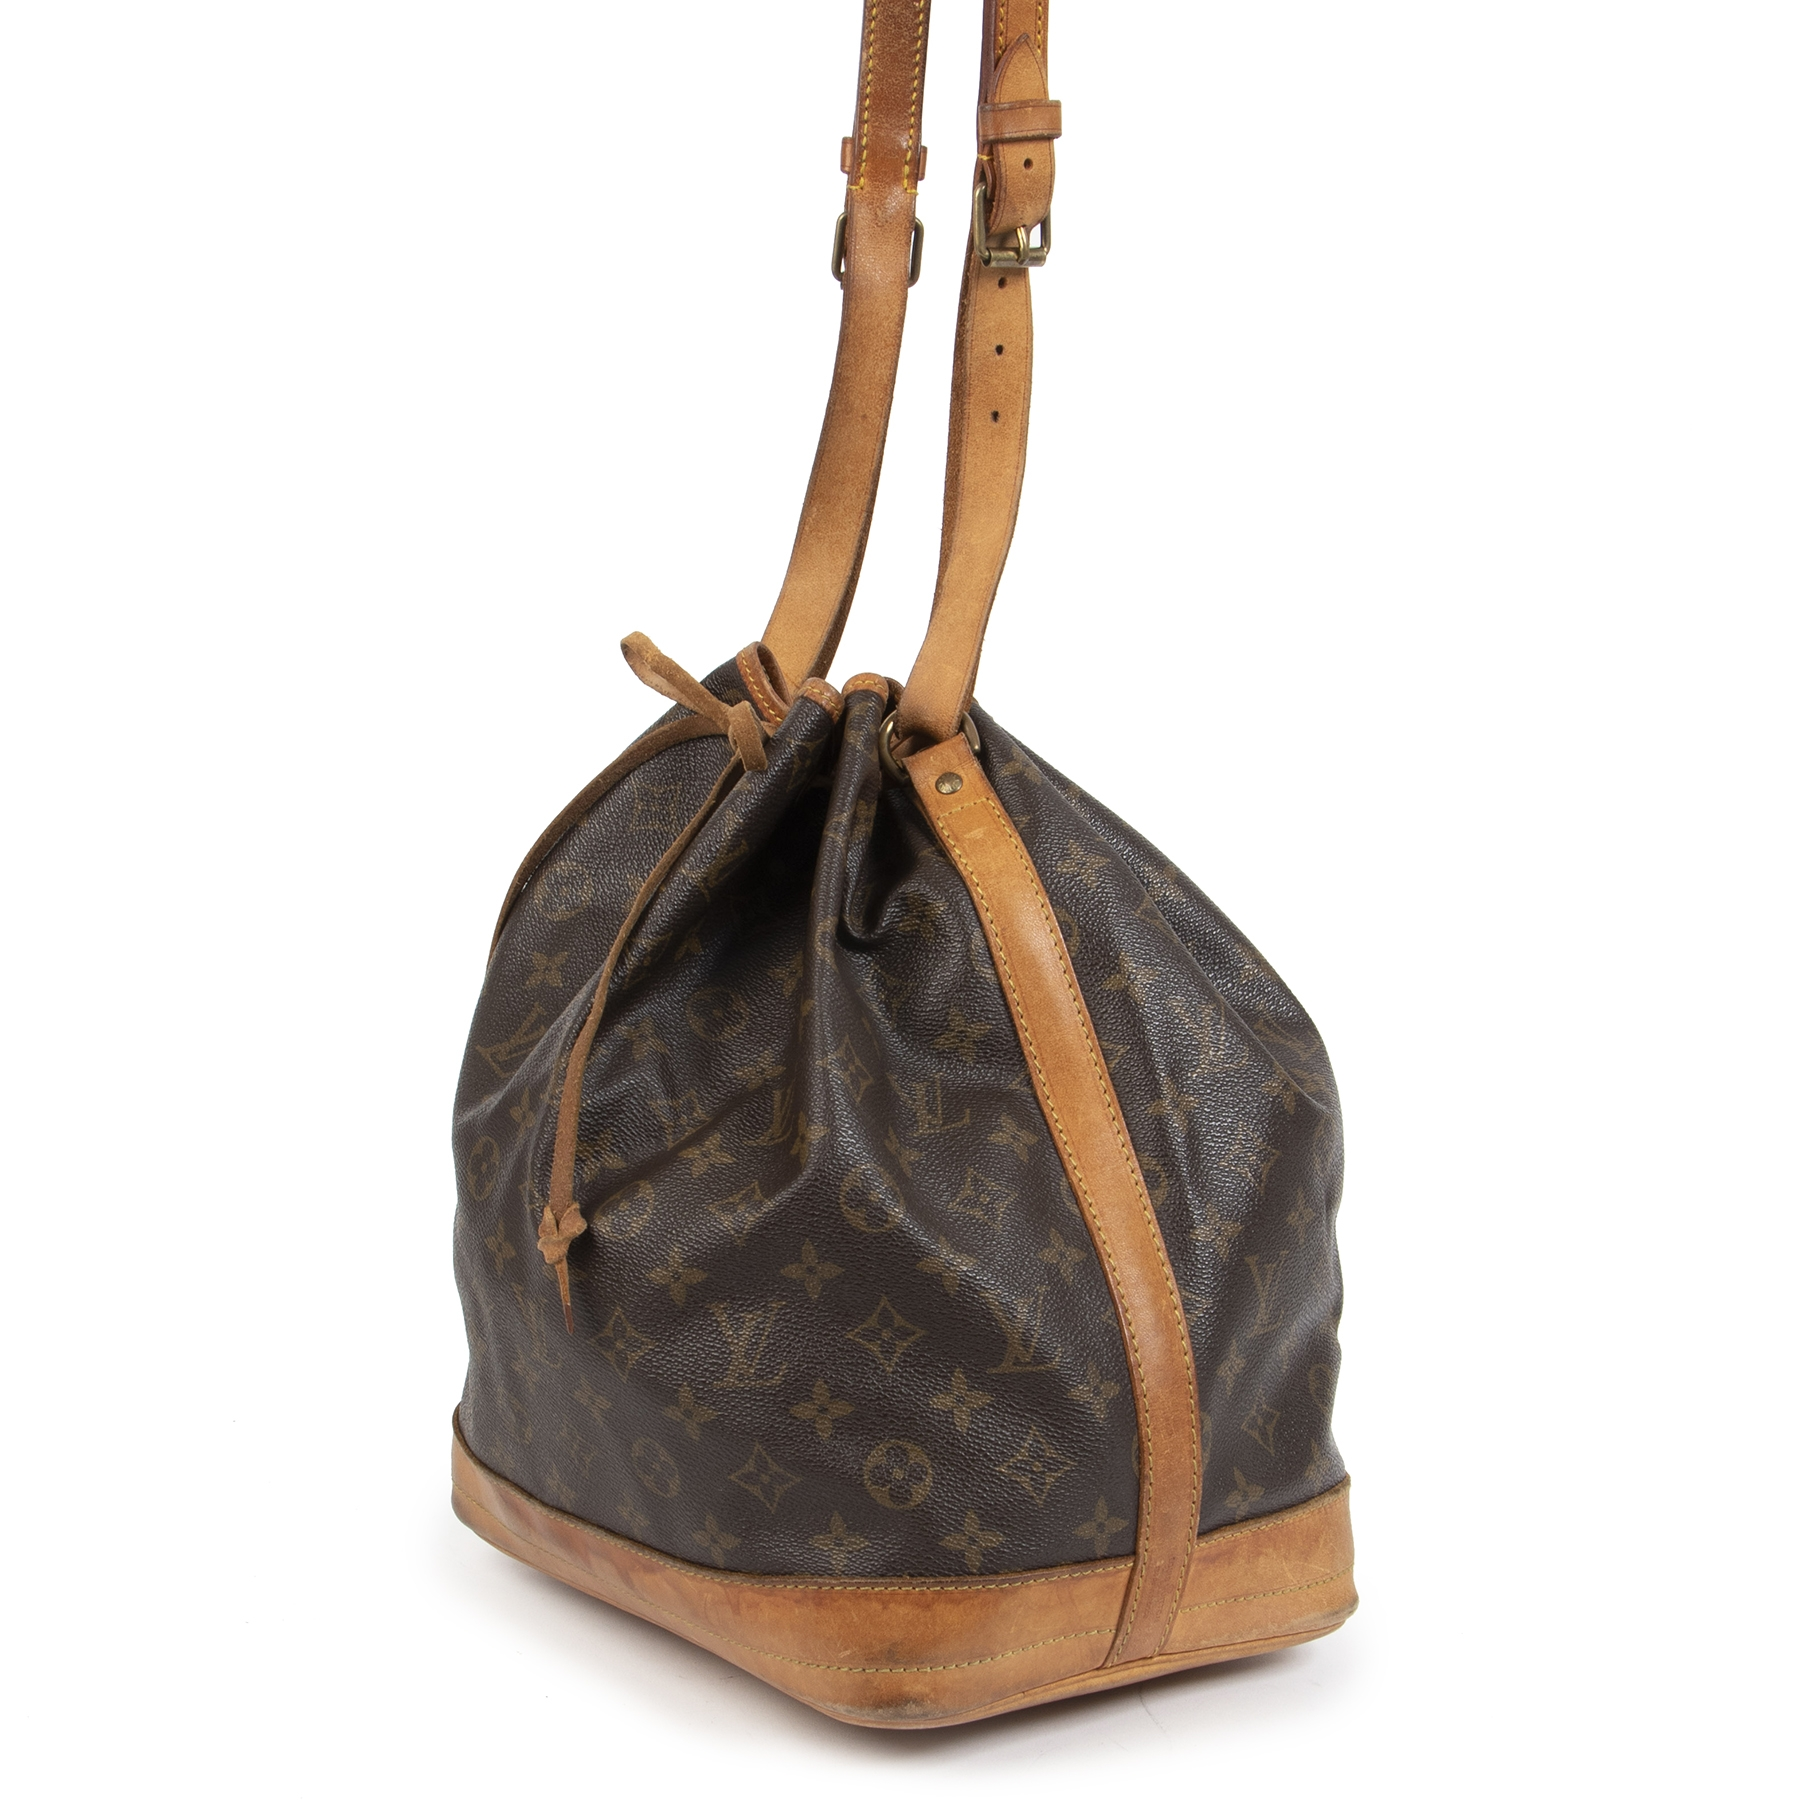 Authentieke Tweedehands Louis Vuitton Monogram Noé Bucket Bag juiste prijs veilig online shoppen luxe merken webshop winkelen Antwerpen België mode fashion